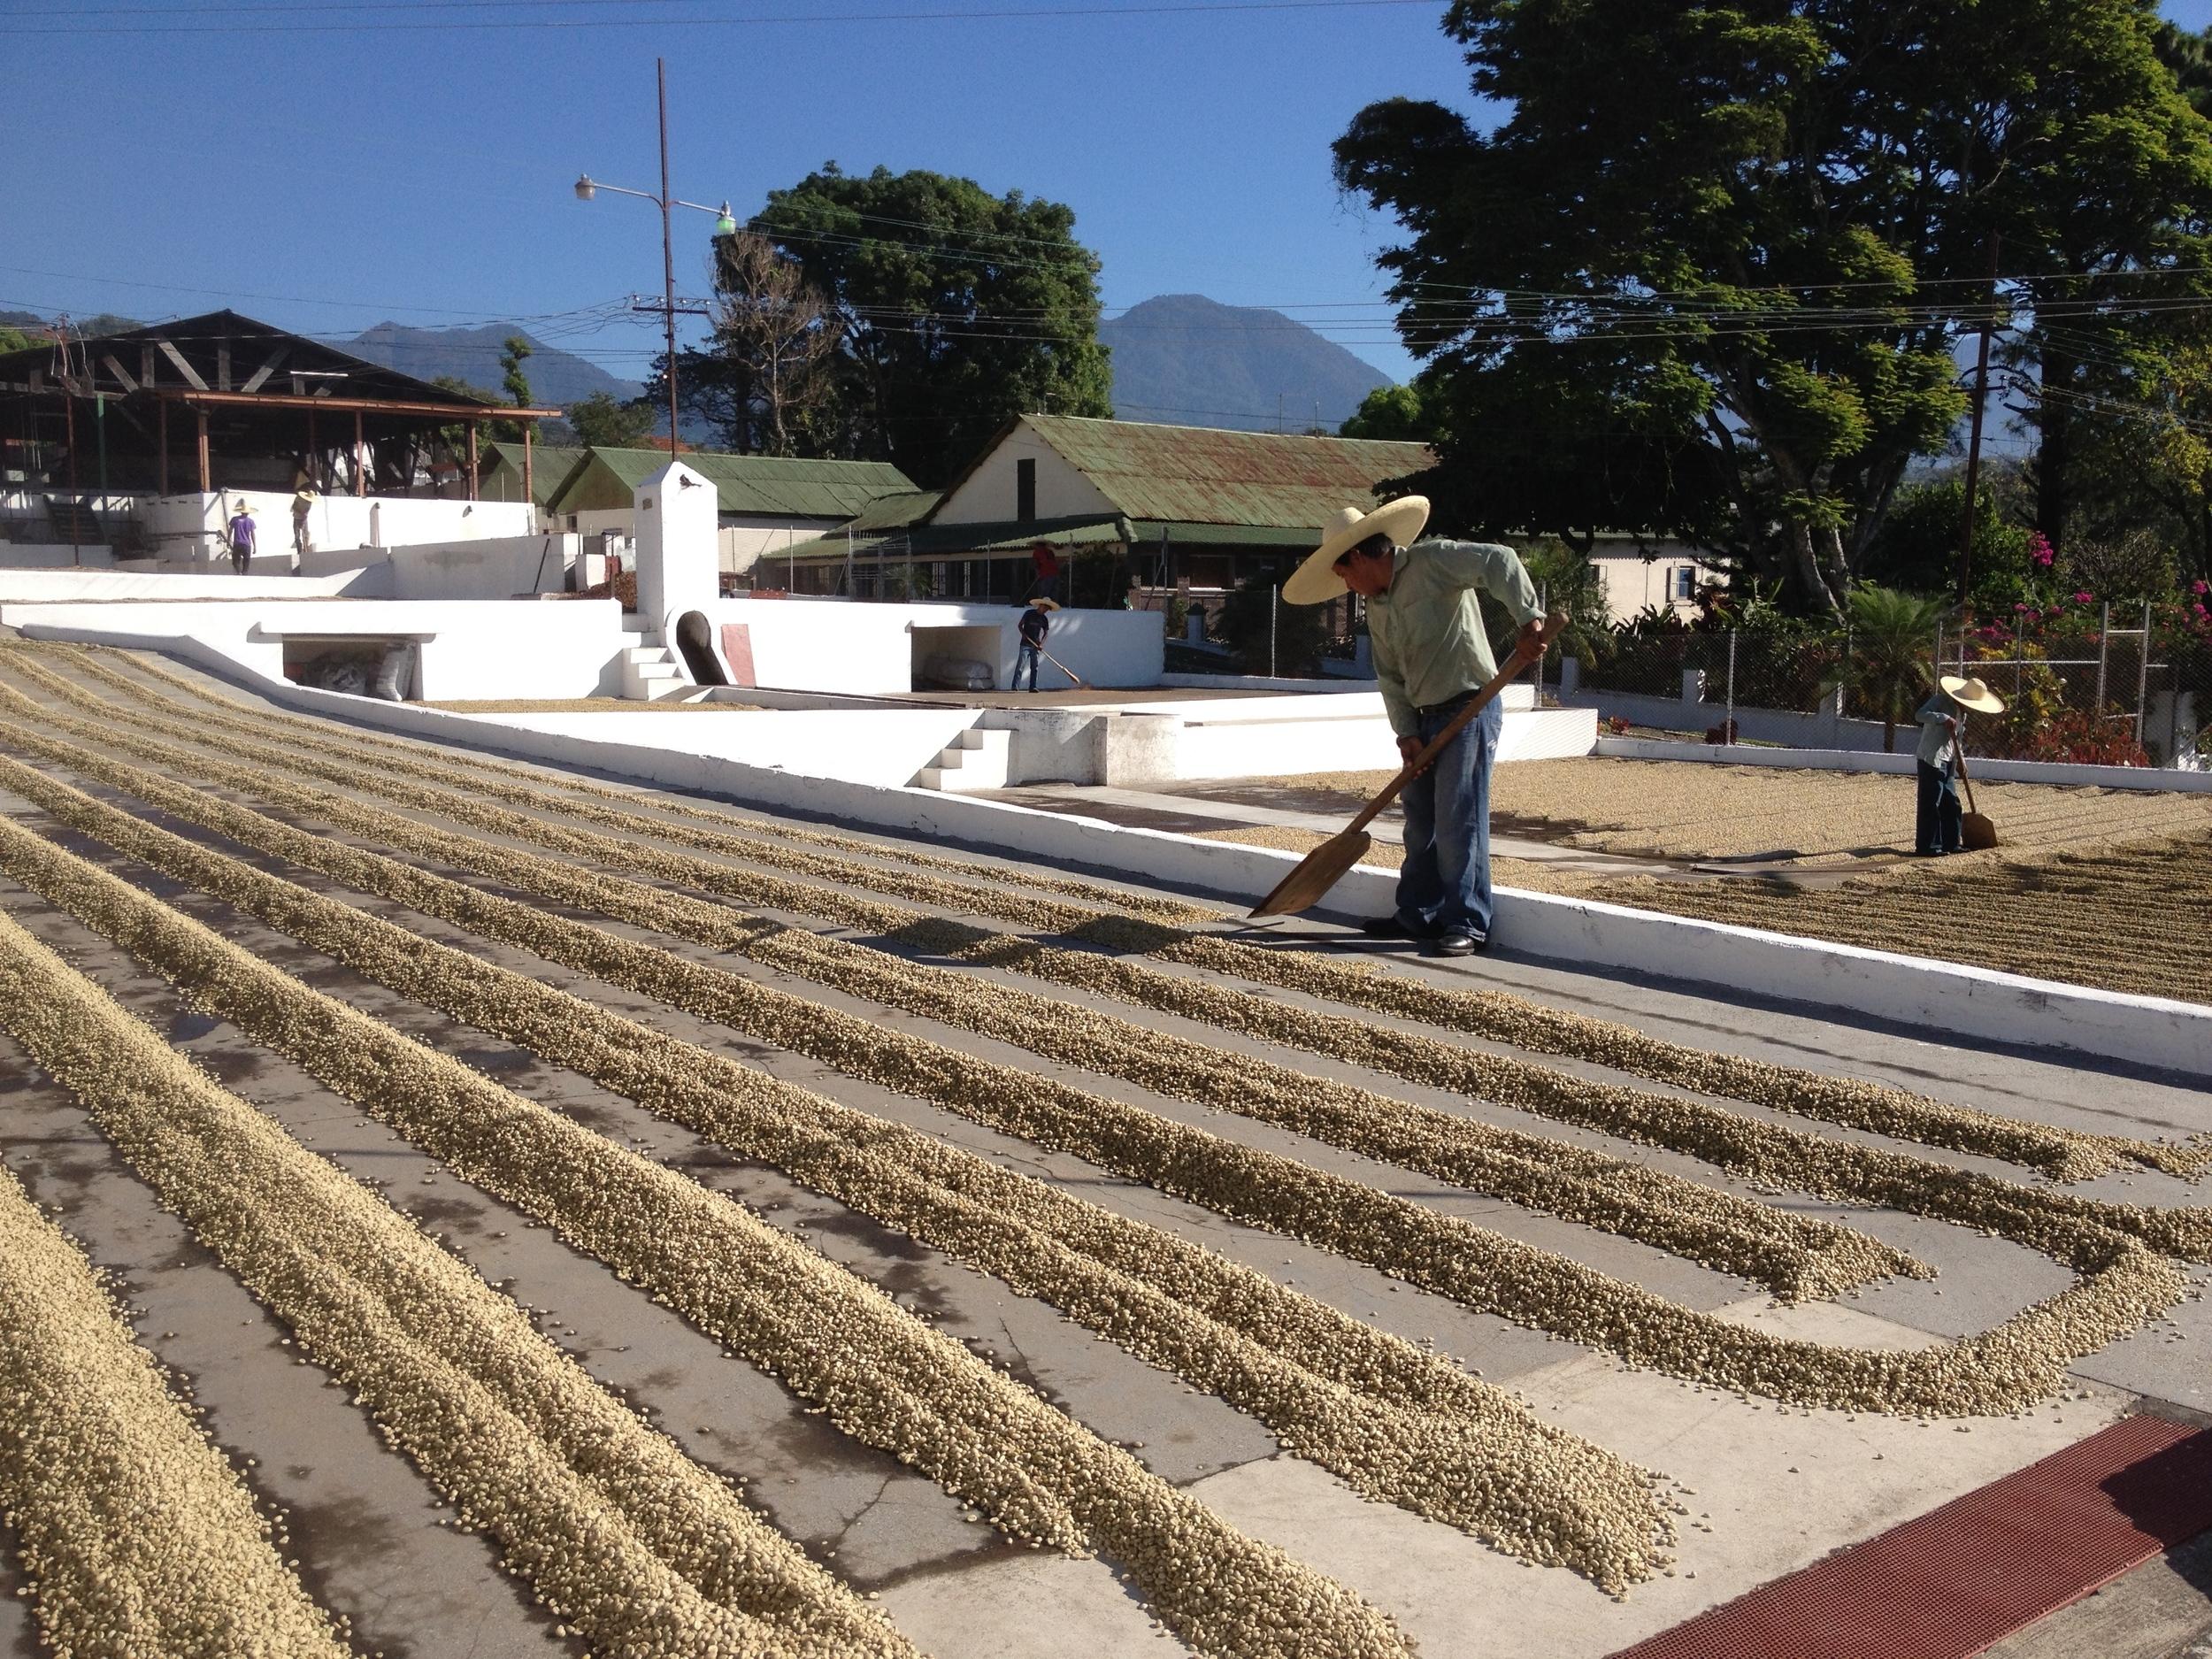 Drying patio at Finca San Jeronimo Miramar.